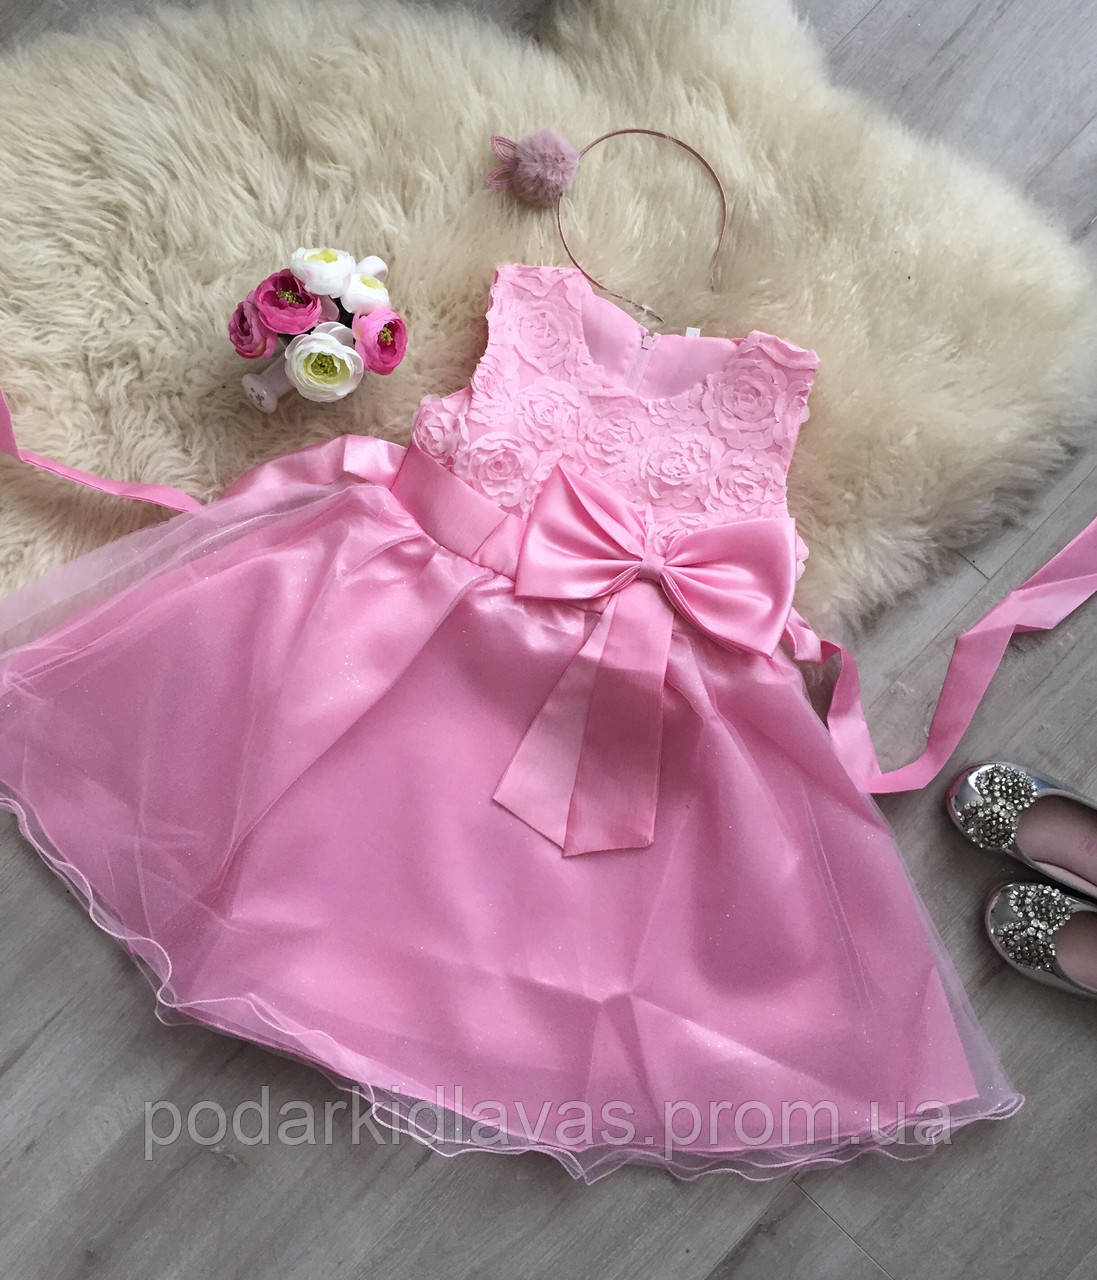 Платье нарядное для девочки с фатиновой юбкой и бантом, 120